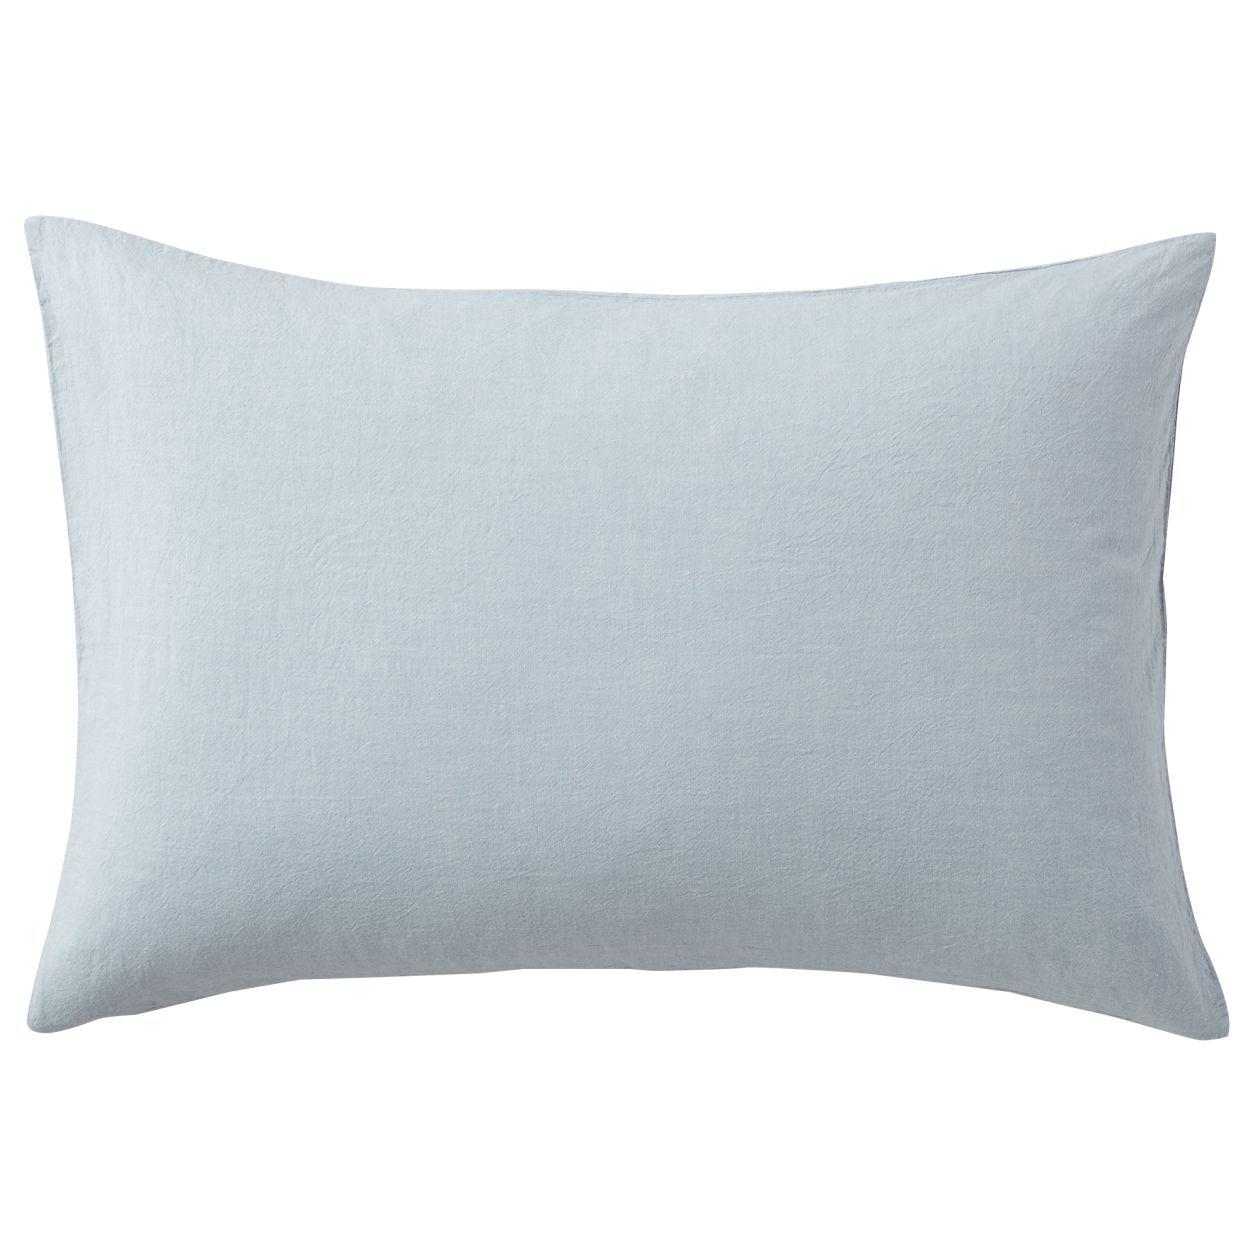 綿洗いざらしまくらカバー/ライトブルー